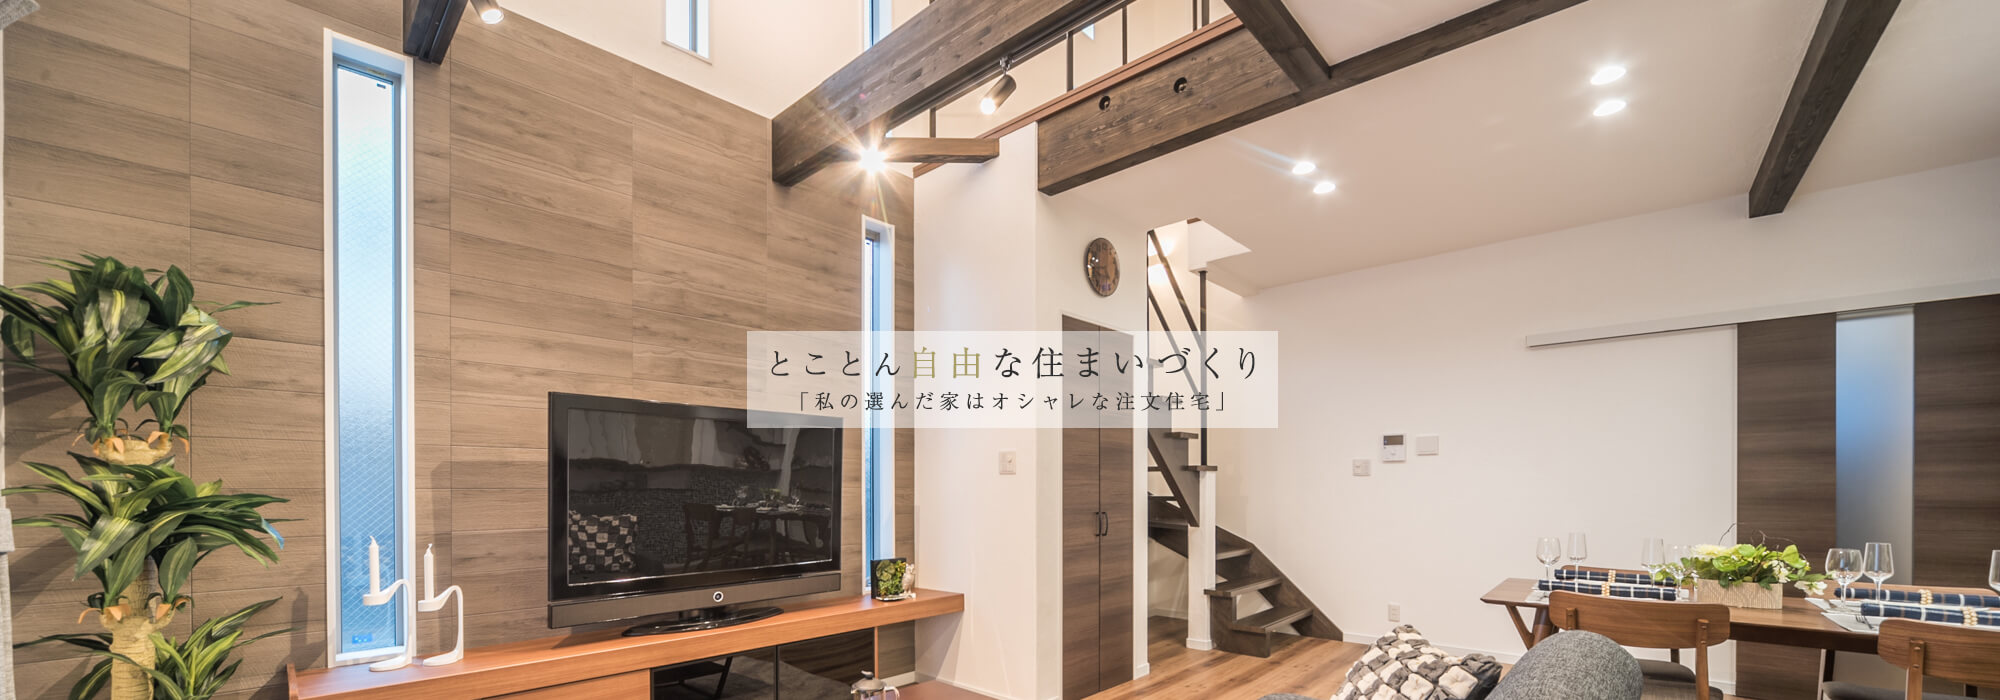 注文住宅の施工例・建築実例のページへ